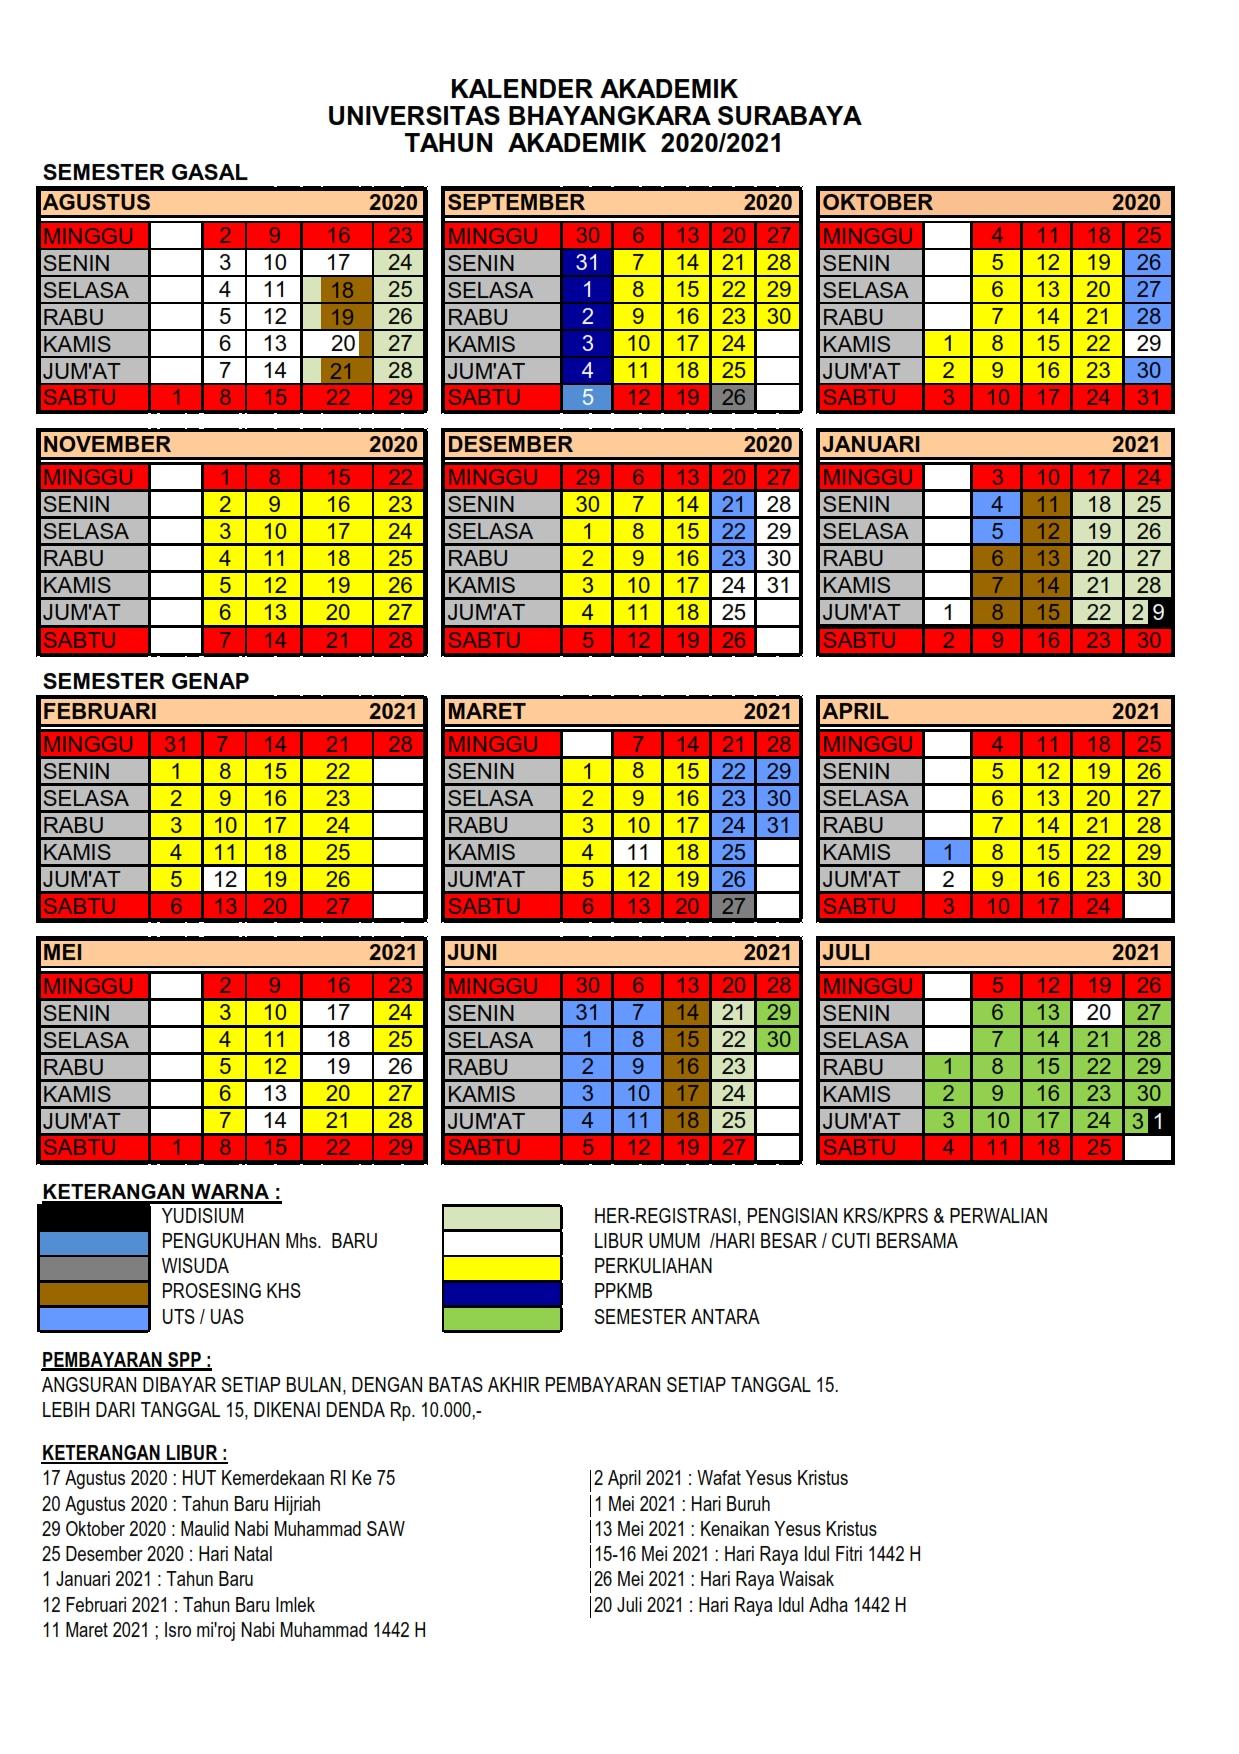 Kalender Akademik T.A. 2020-2021